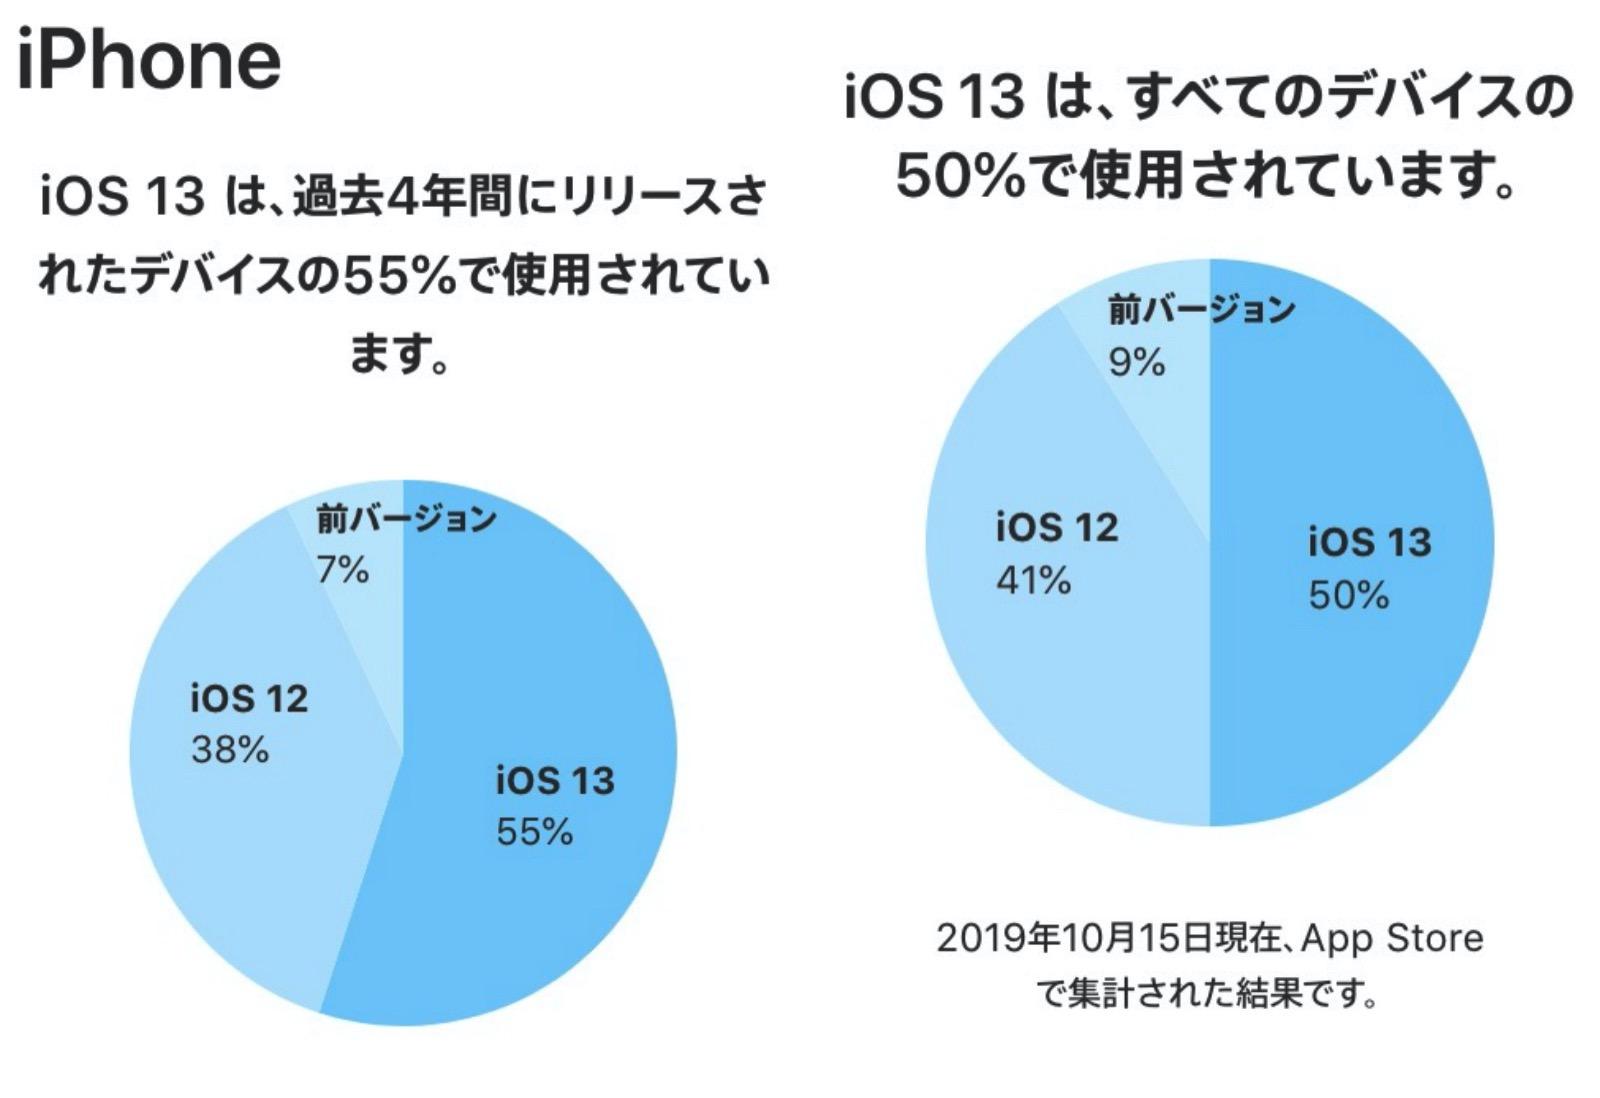 IOS13 Share